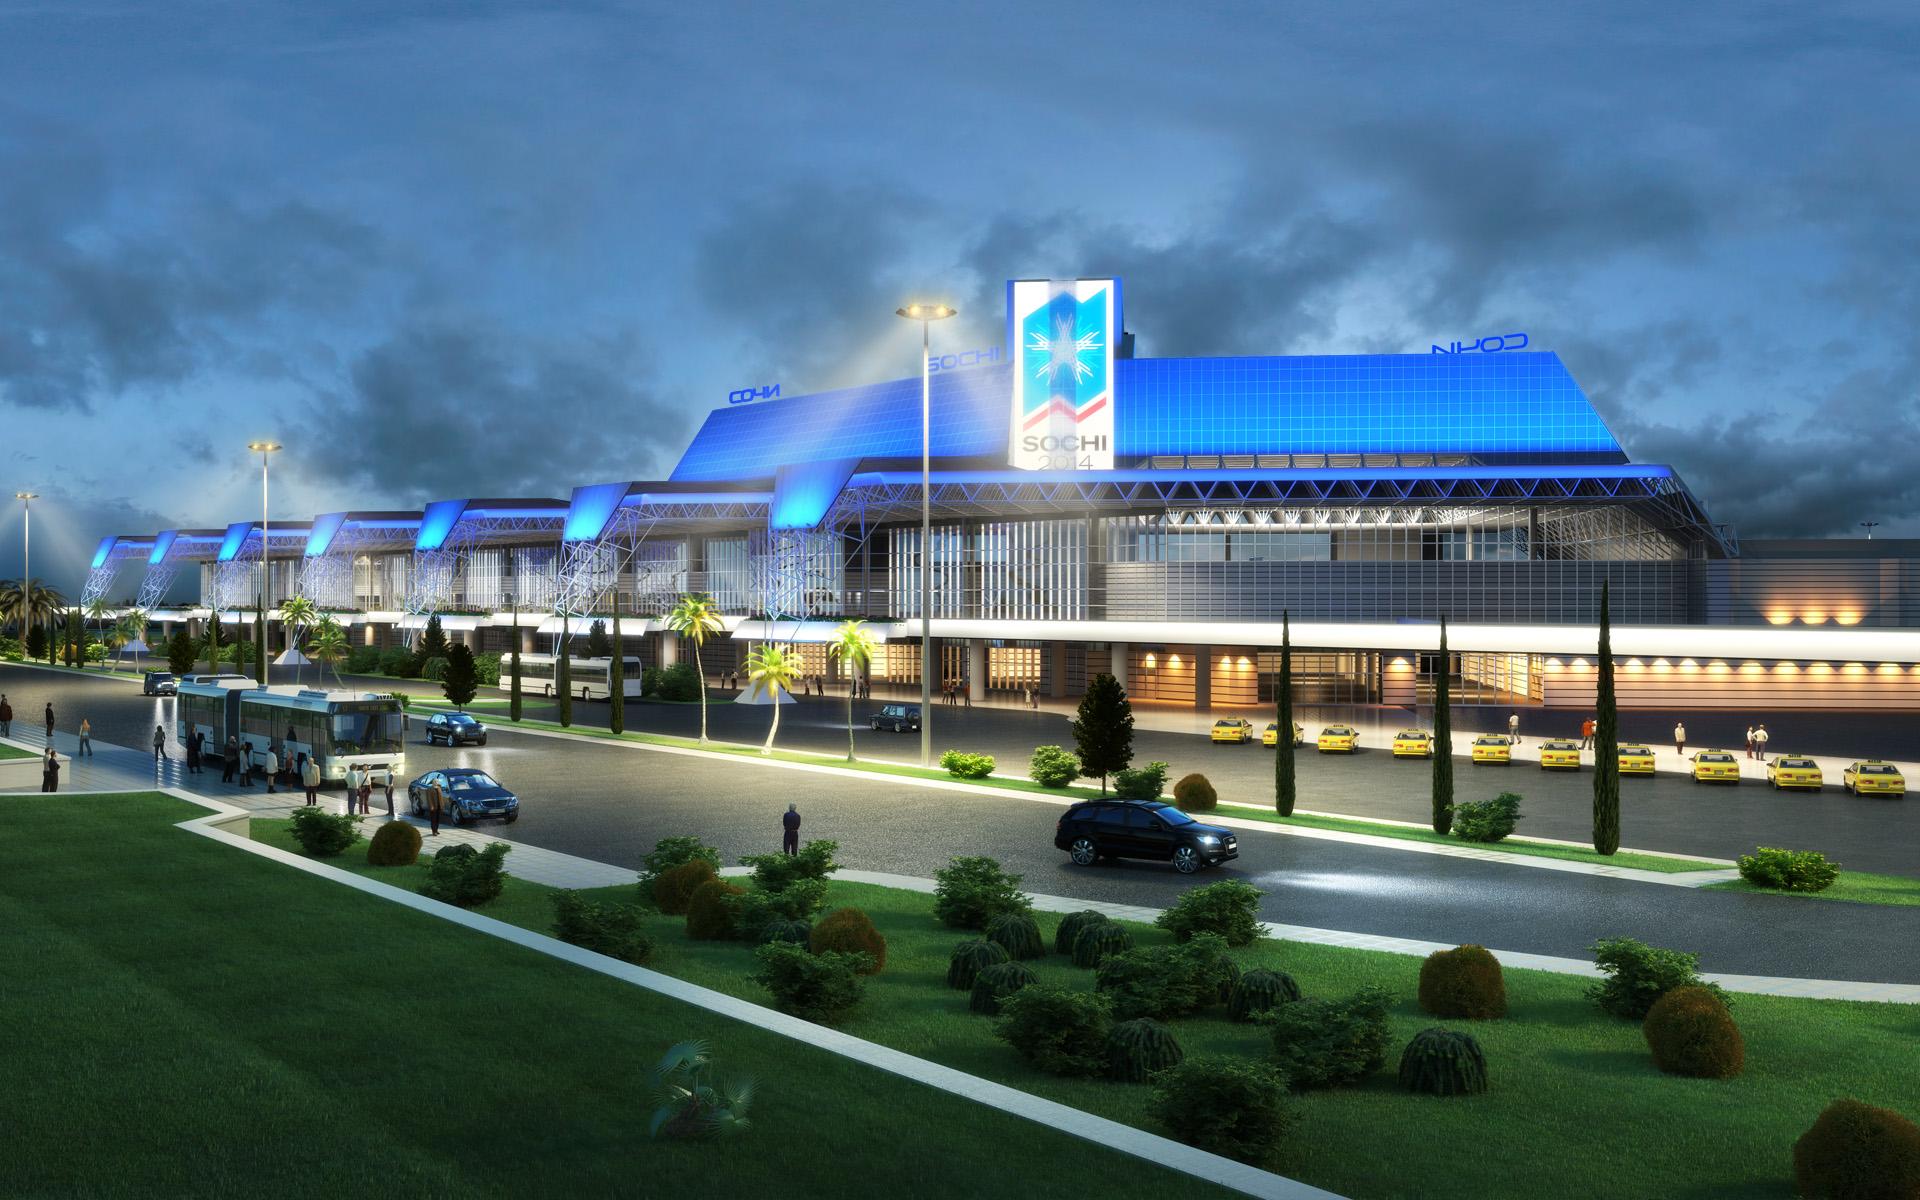 Освещение аэропорта в Сочи (экстерьер)